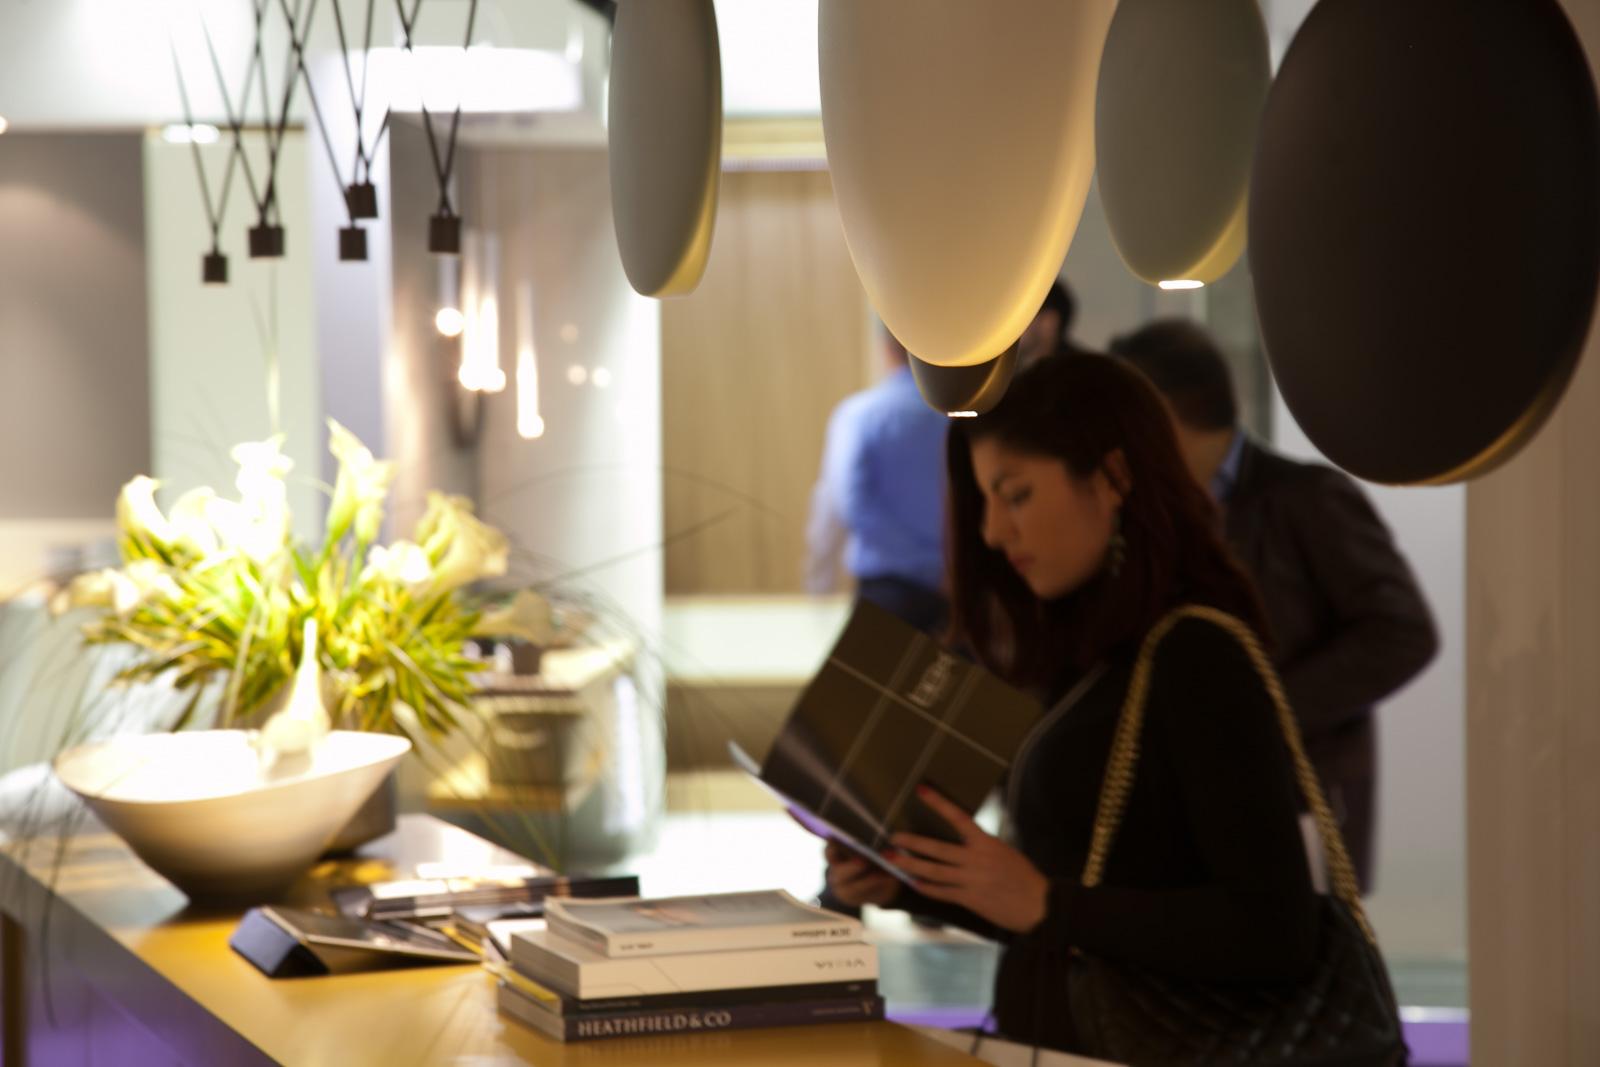 Το Νέο Ξενοδοχειακό Blog Του 100% Hotel Show, Έρχεται Να Μοιράσει Τεχνογνωσία Και Ιδέες!